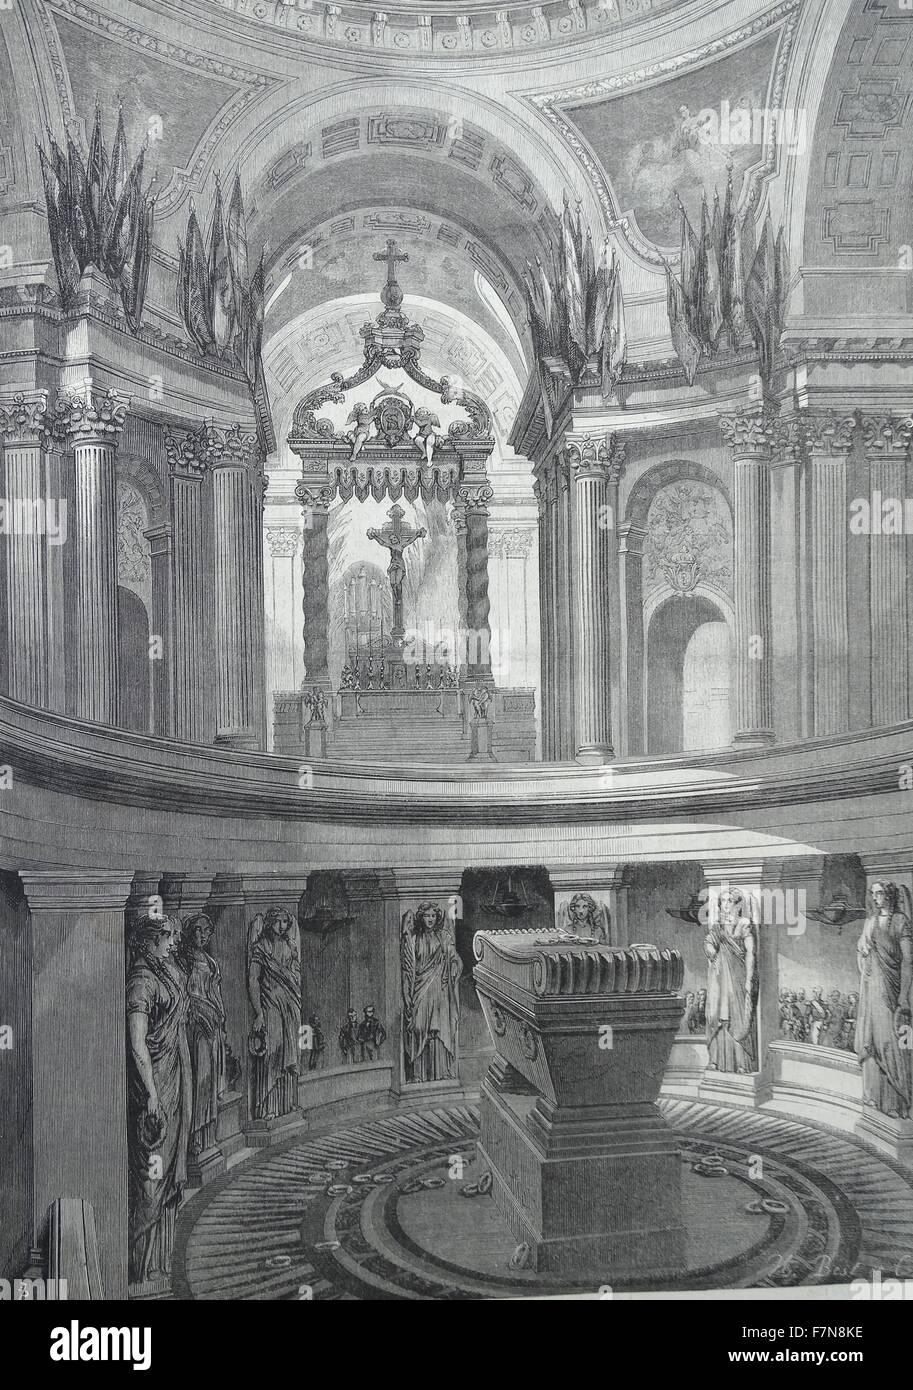 Abbildung zeigt das Grab des Napoléon Bonaparte (1769-1821) innerhalb des Invalides, Frankreich. Datierte 1822 Stockbild